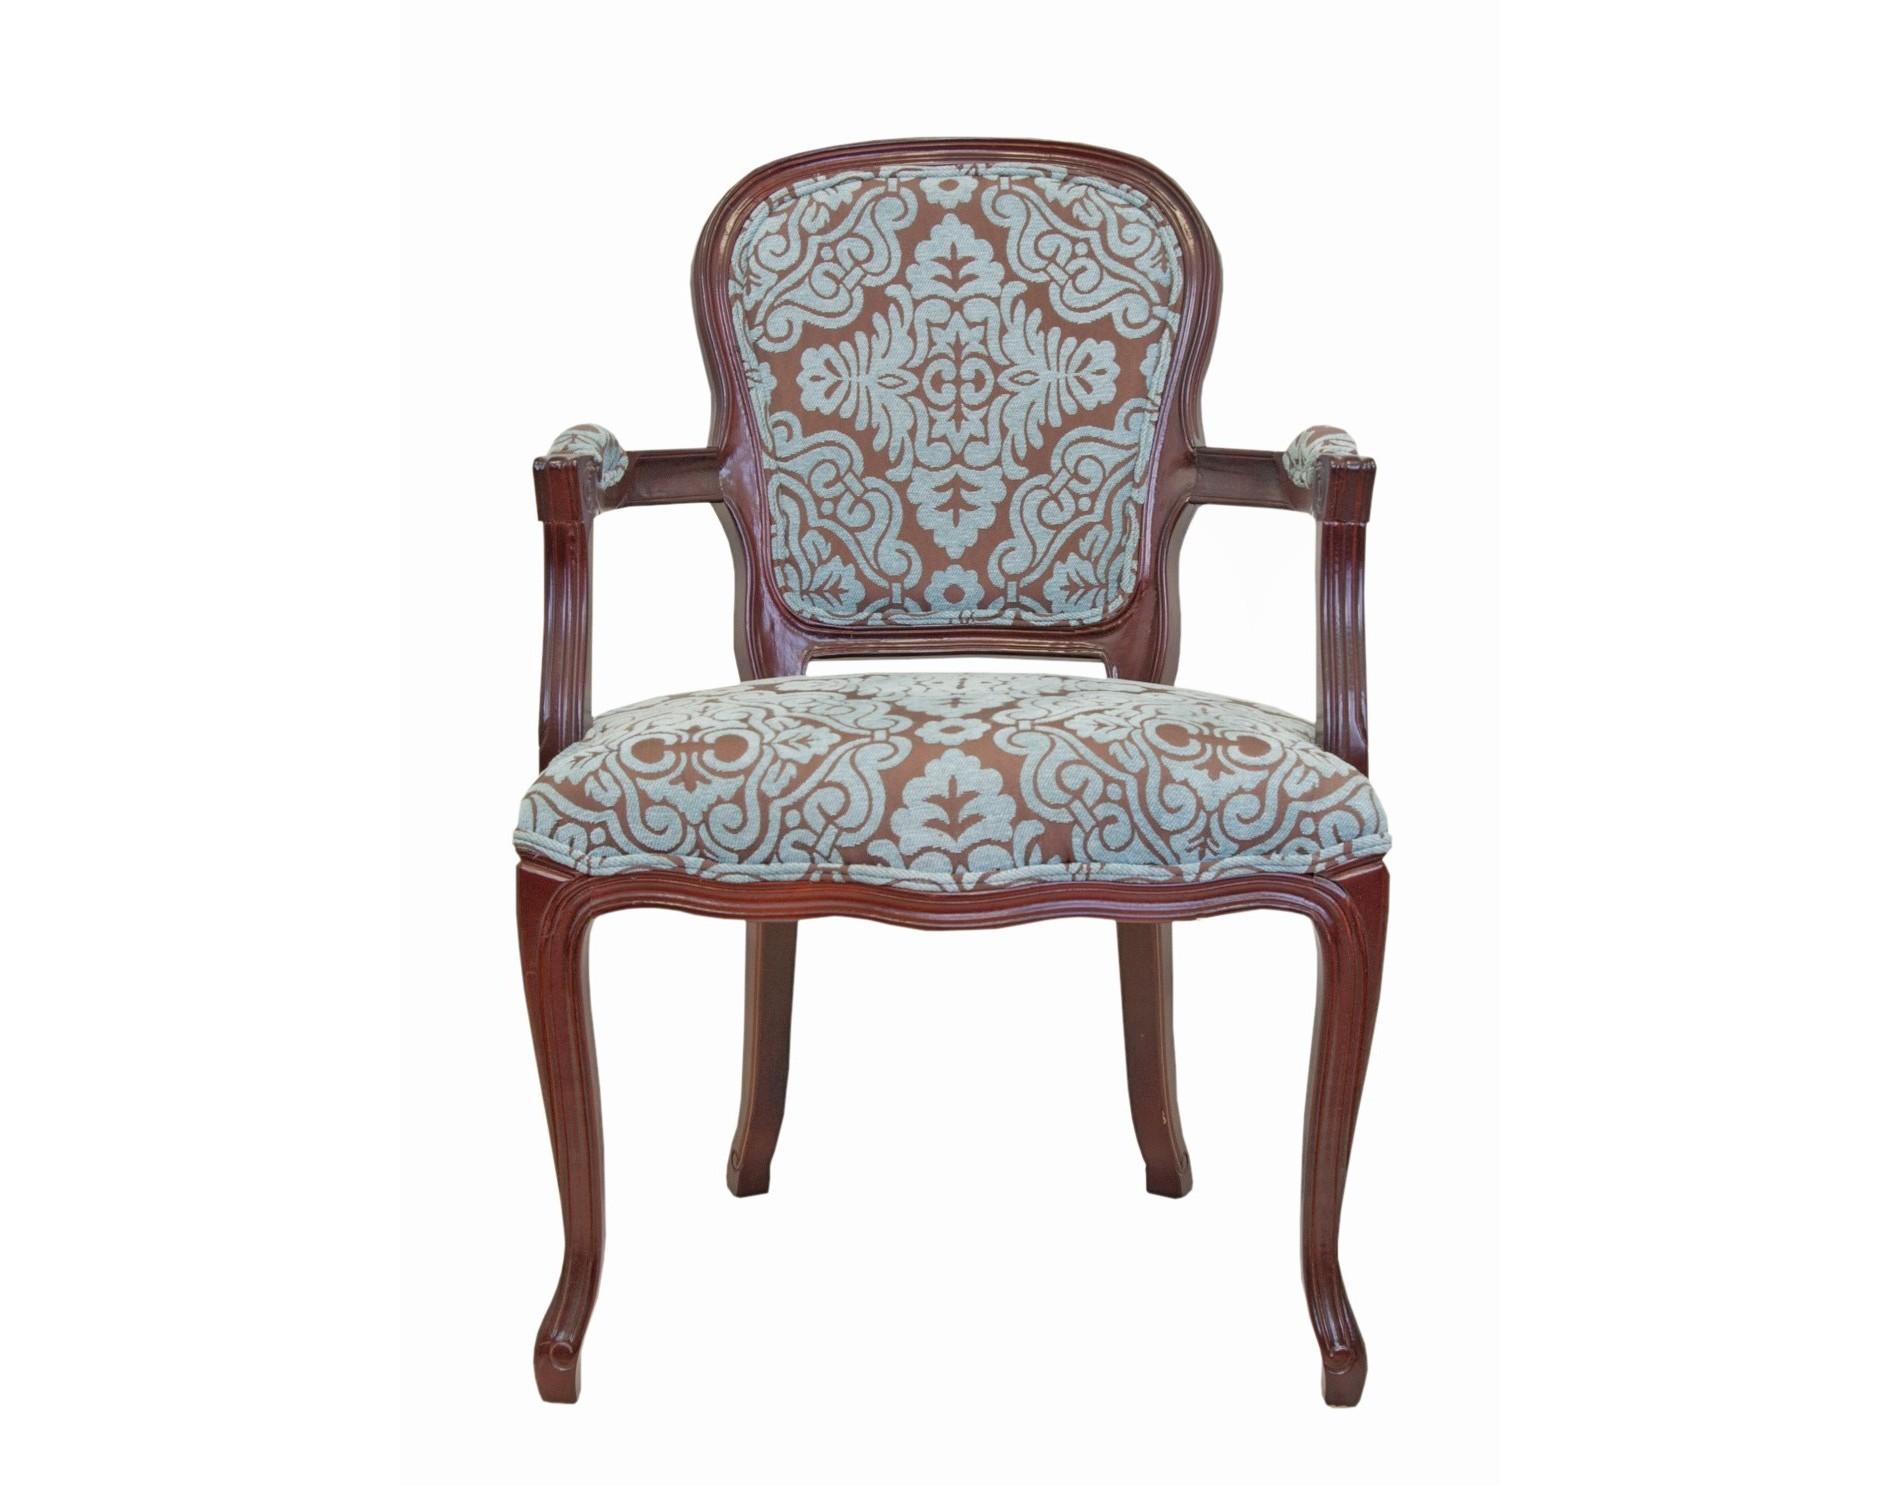 Стул VinteraСтулья с подлокотниками<br>Шикарный мягкий стул Vintera яркий представитель классического дизайна. Основание модели выполнено из массива дерева в приятном тёплом ореховом цвете, а изогнутые ножки дополняют общую задумку и органично поддерживают задумку классического образа. &amp;amp;nbsp;<br><br>Material: Дуб<br>Ширина см: 64<br>Высота см: 95<br>Глубина см: 65